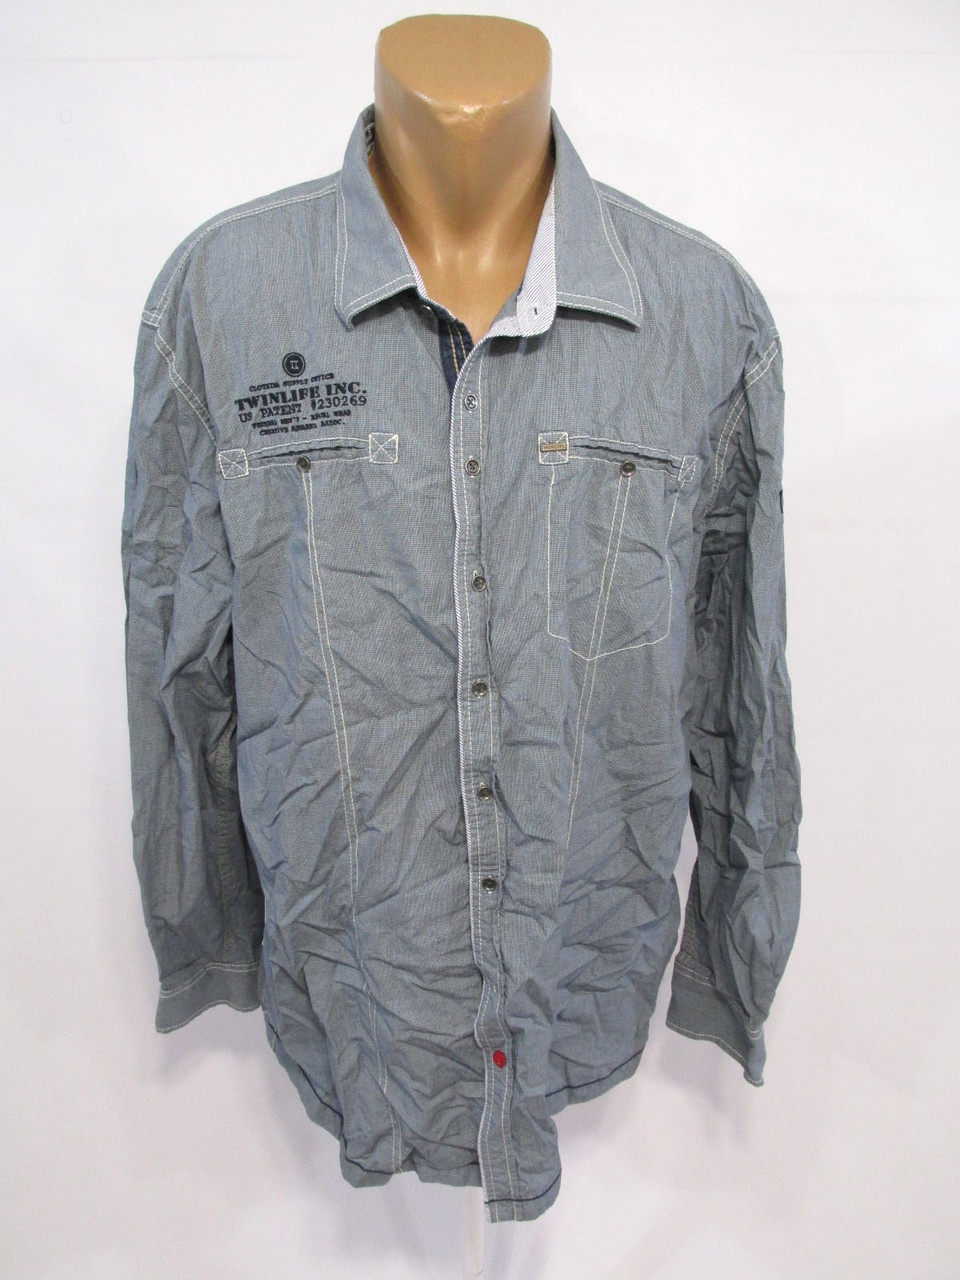 Рубашка Twinlife, 3XL, Cotton, Качество, Как Новая!